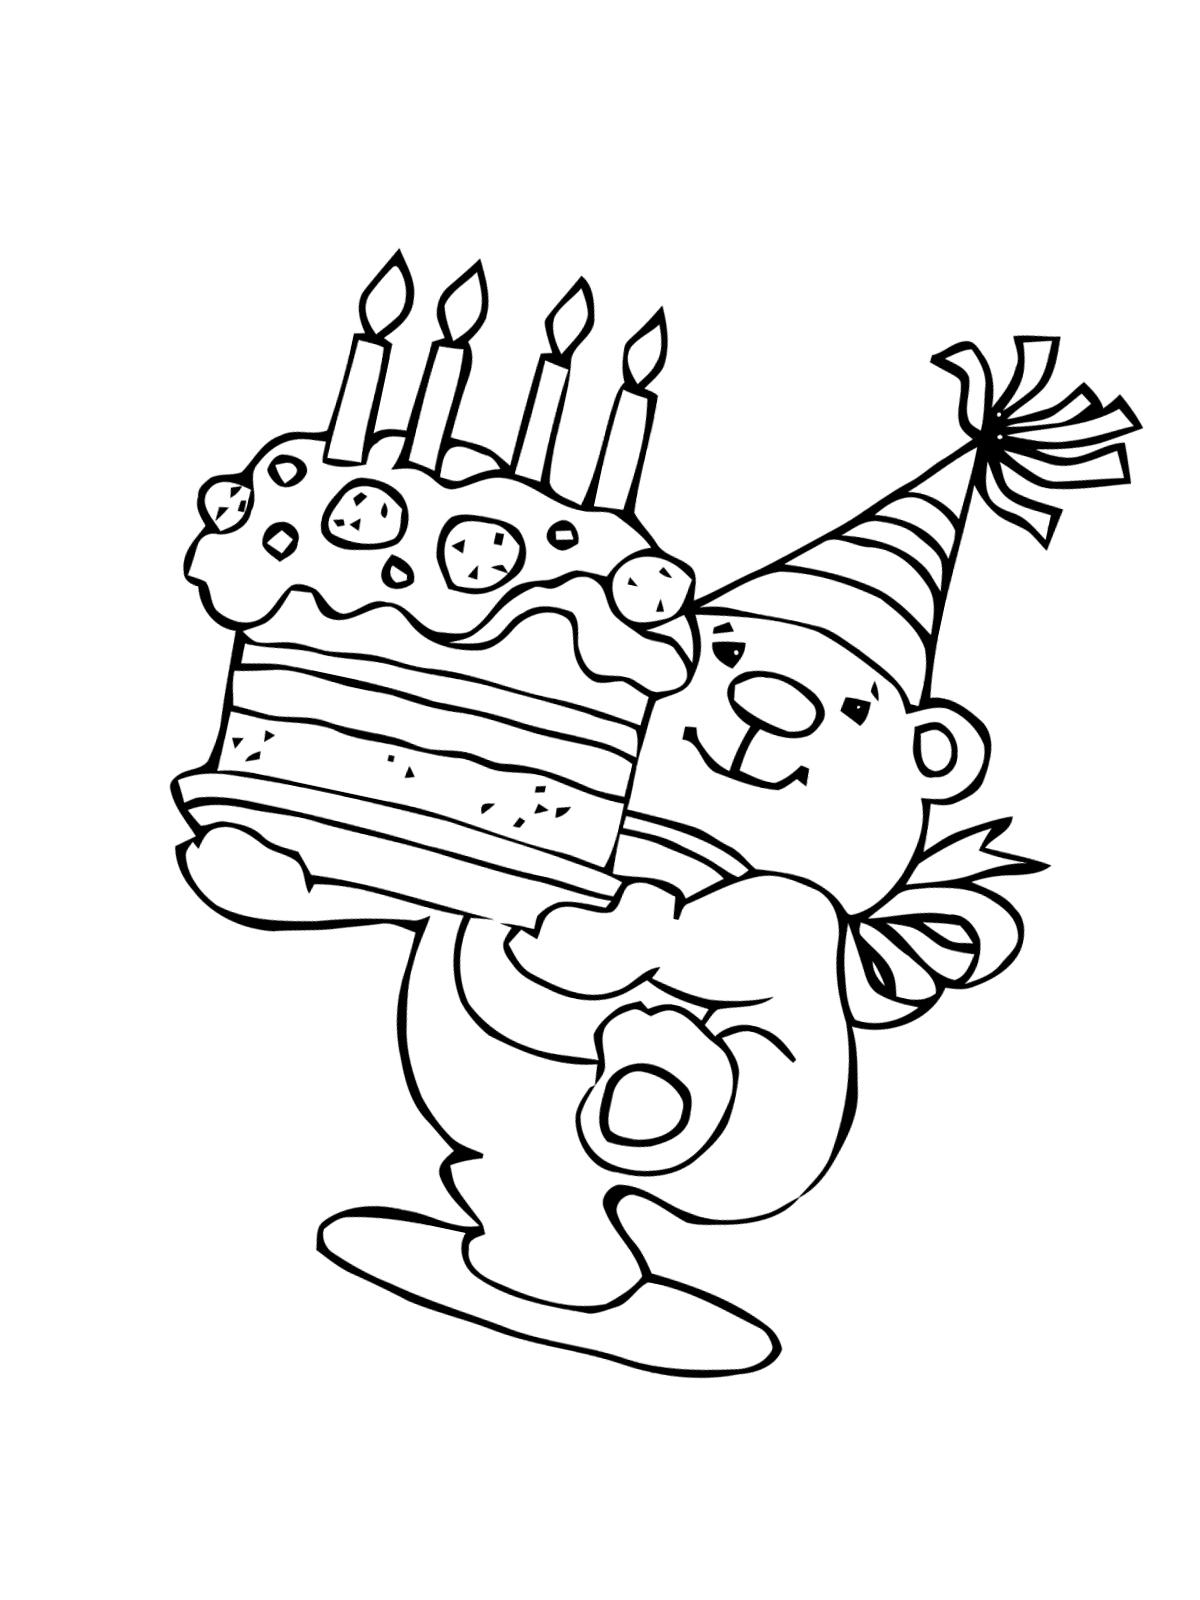 Ausmalbilder Geburtstag 60 : Malvorlagen Geburtstag Zum Ausdrucken Die Beste Idee Zum Ausmalen